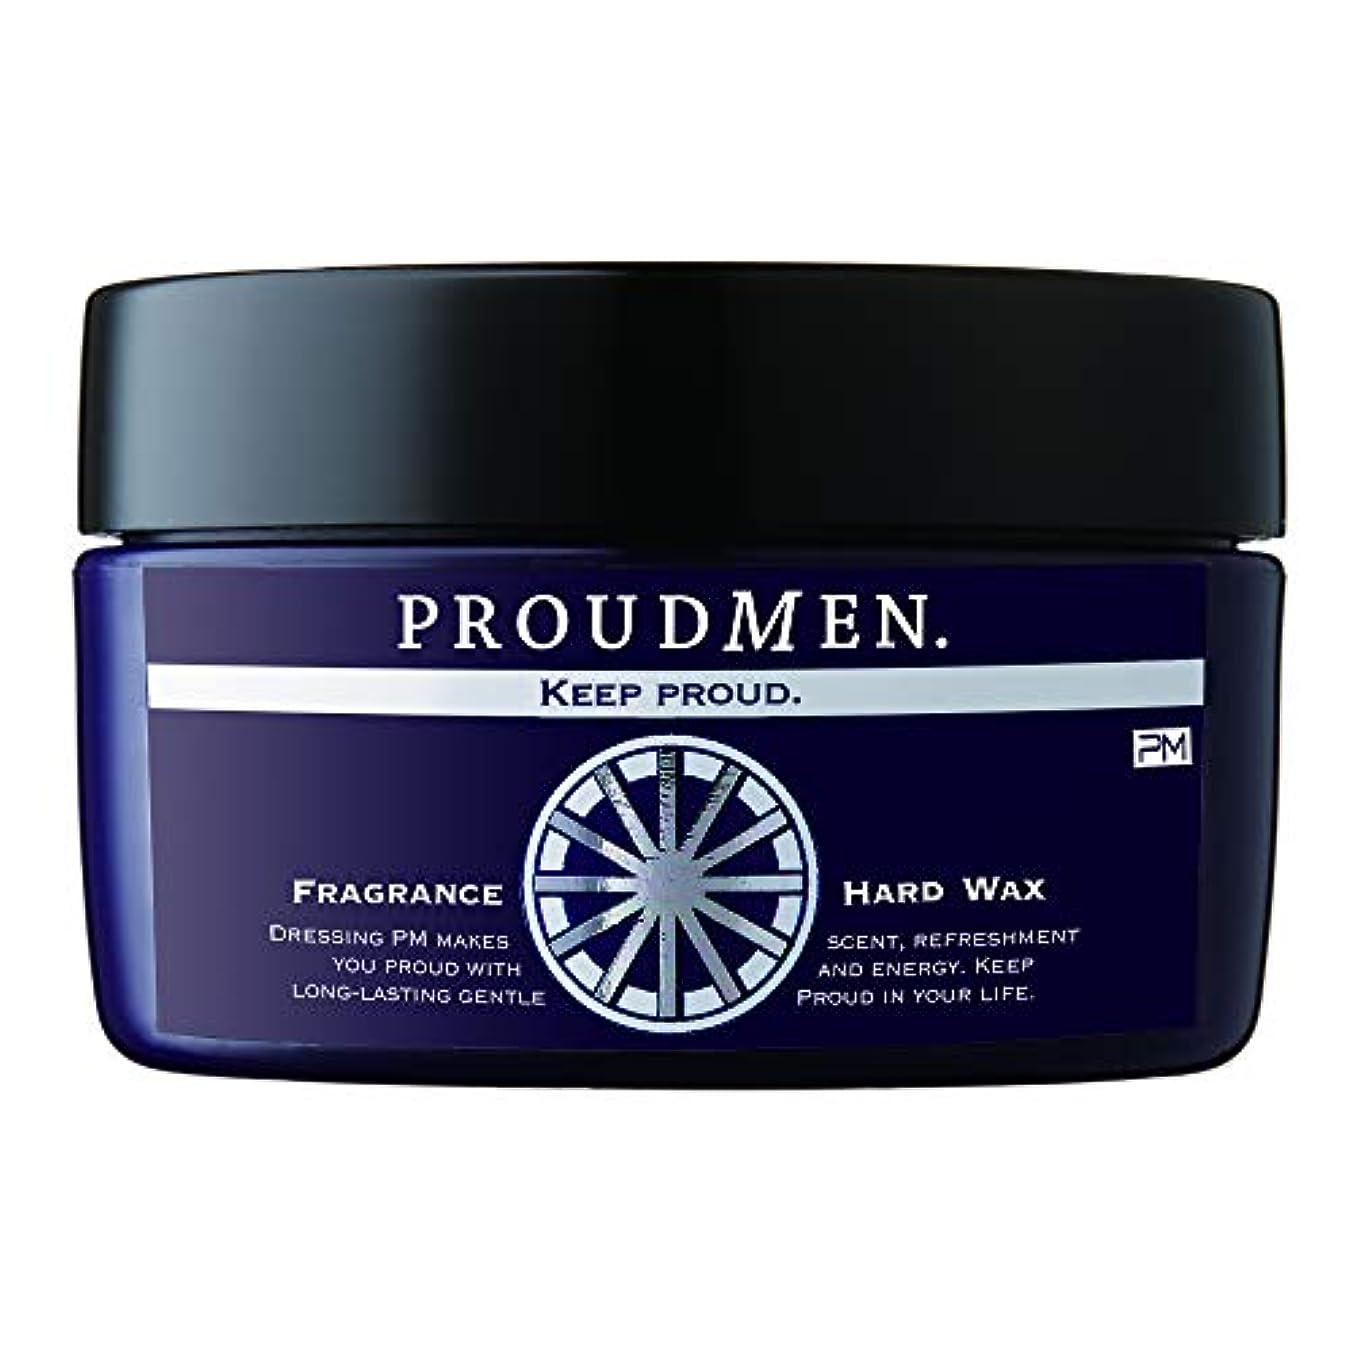 構造カリング微生物プラウドメン フレグランスハードワックス 60g (グルーミング?シトラスの香り) 整髪料 スタイリング剤 ヘアワックス メンズ 男性